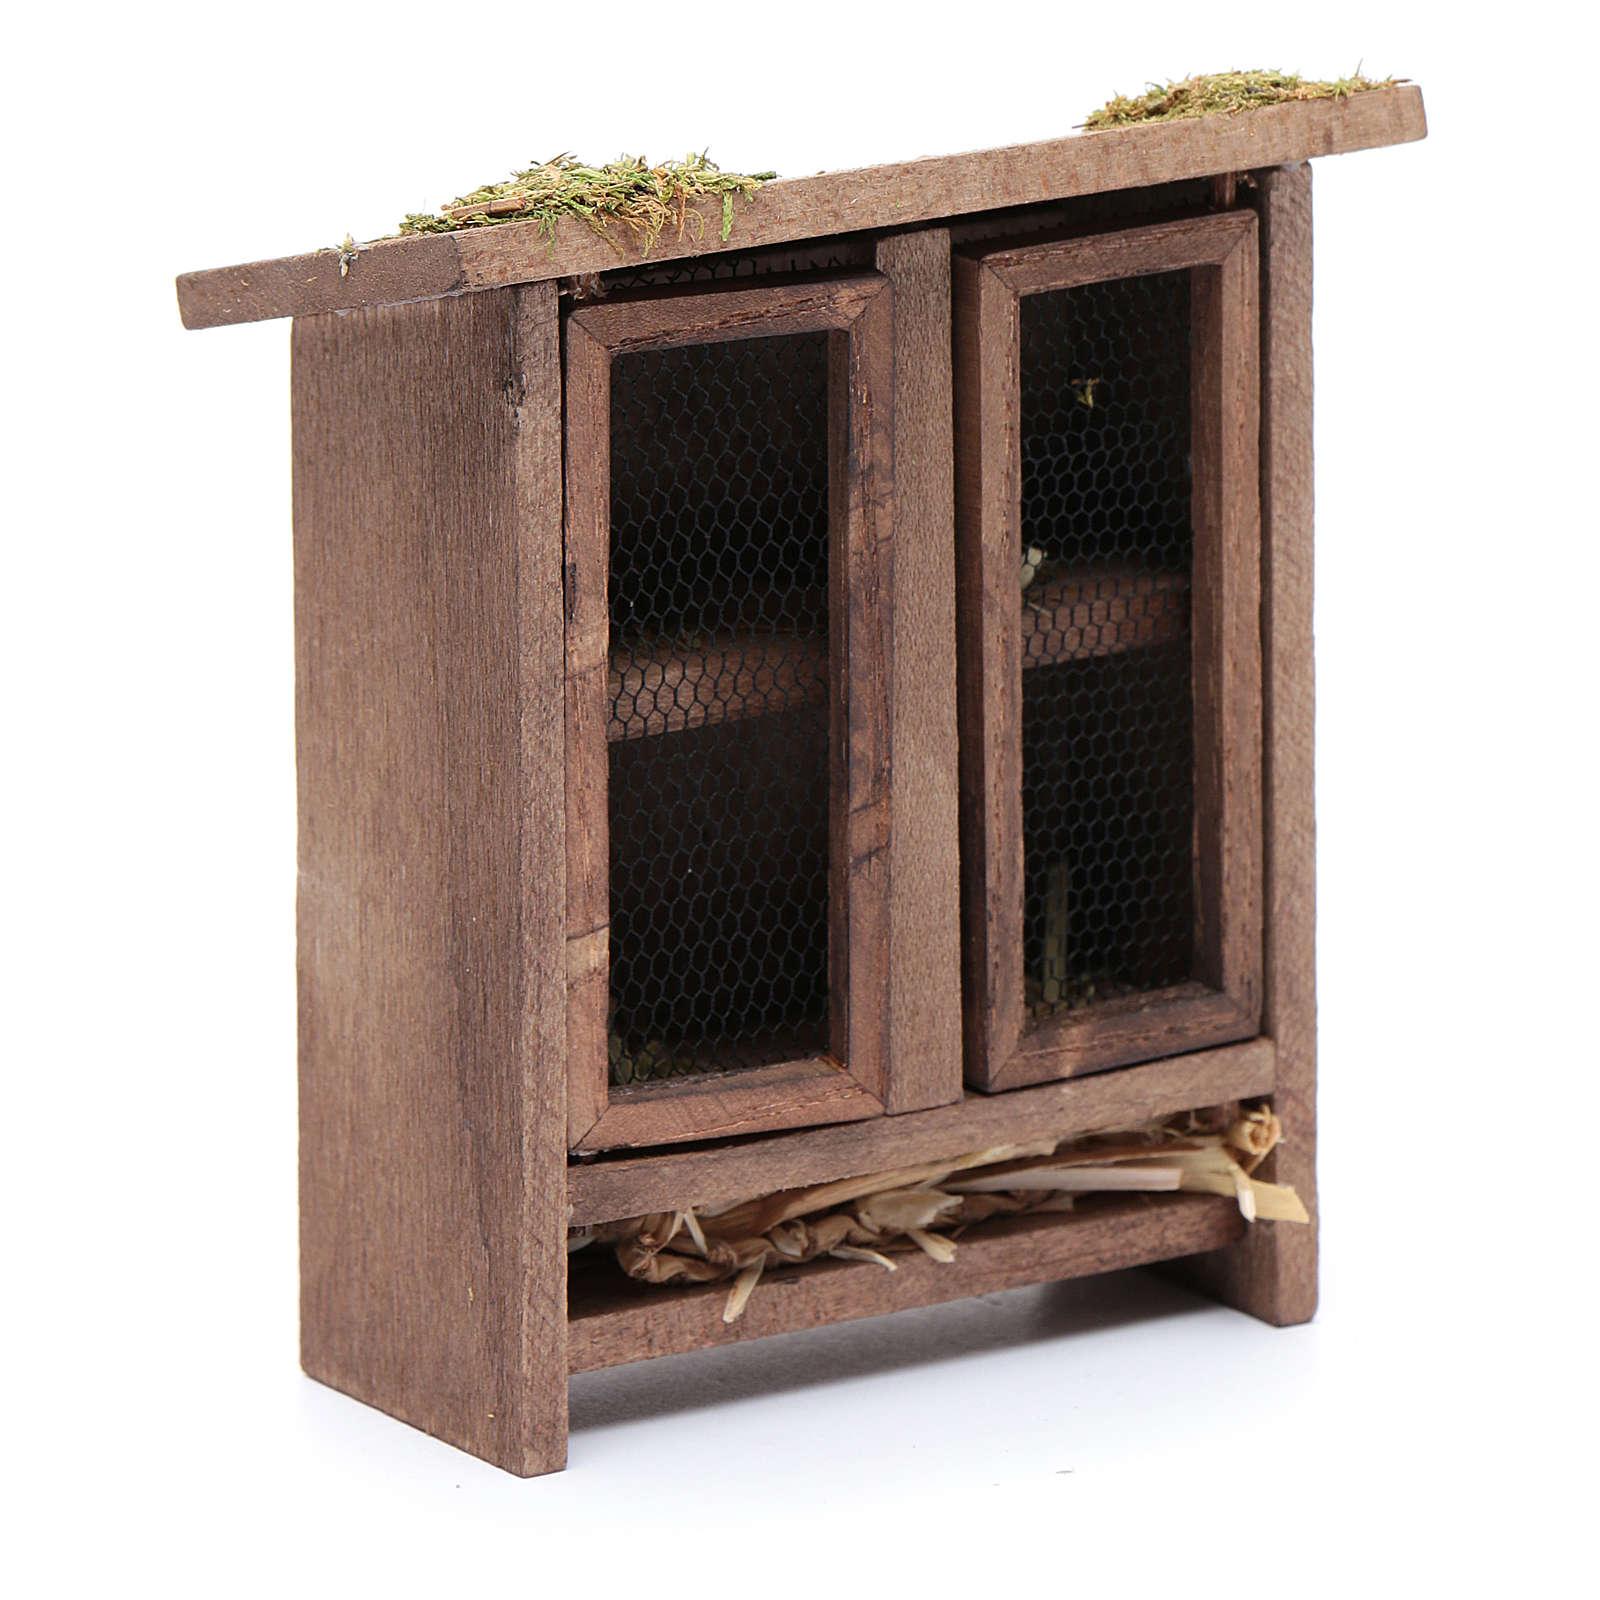 Establo em miniatura para coelhos - 10x10x5 cm 3